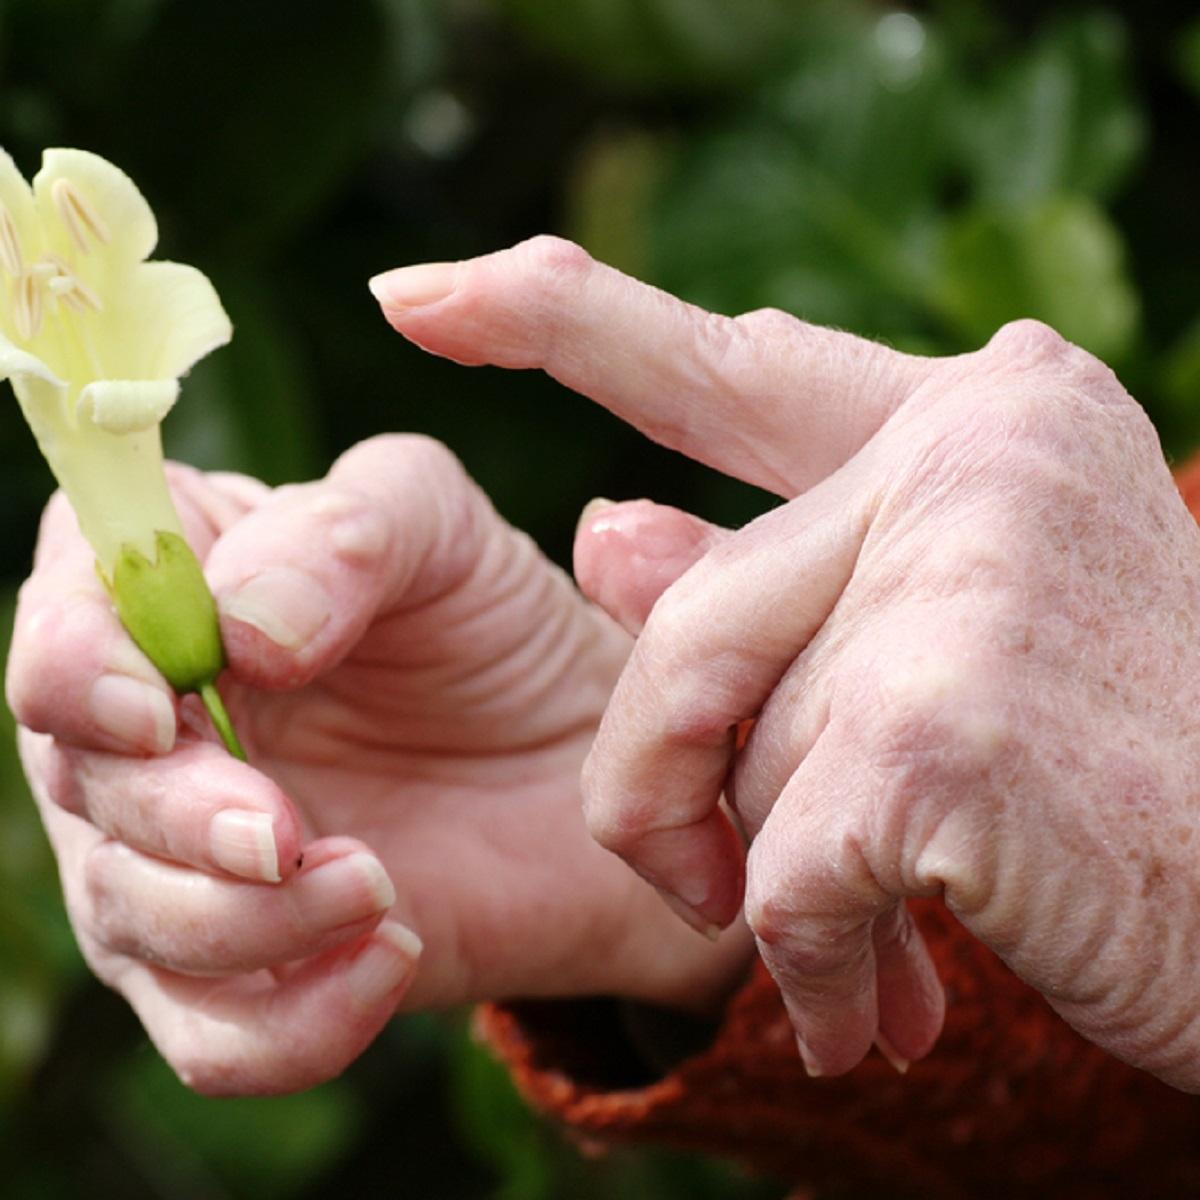 Kuidas eemaldada puusaliigendite poletik Geel salvi liigeste ja lihaste valu